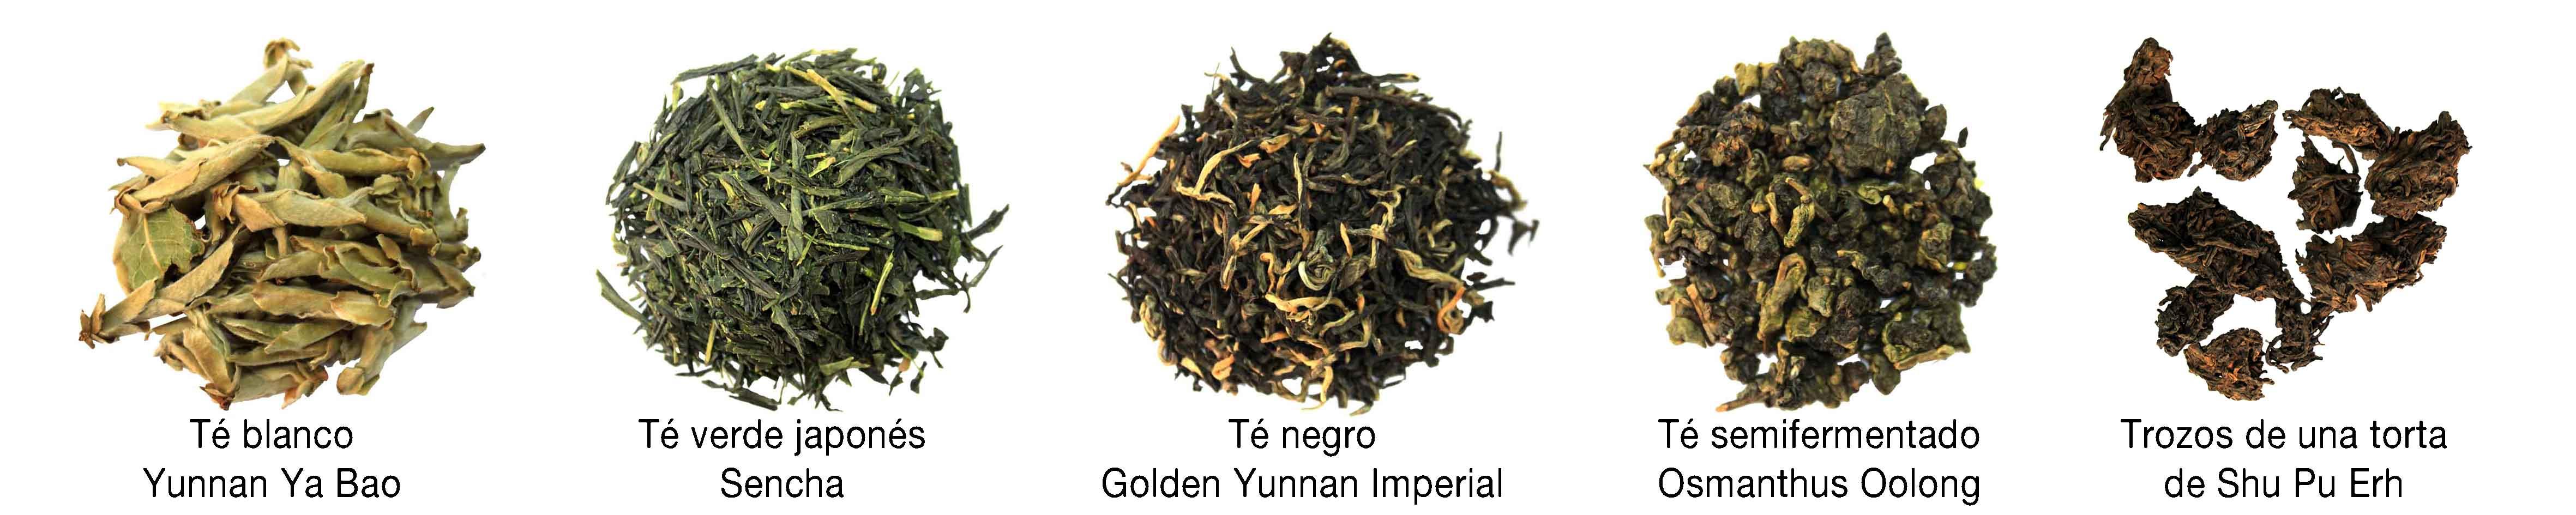 Variedades de te - Las variedades del té